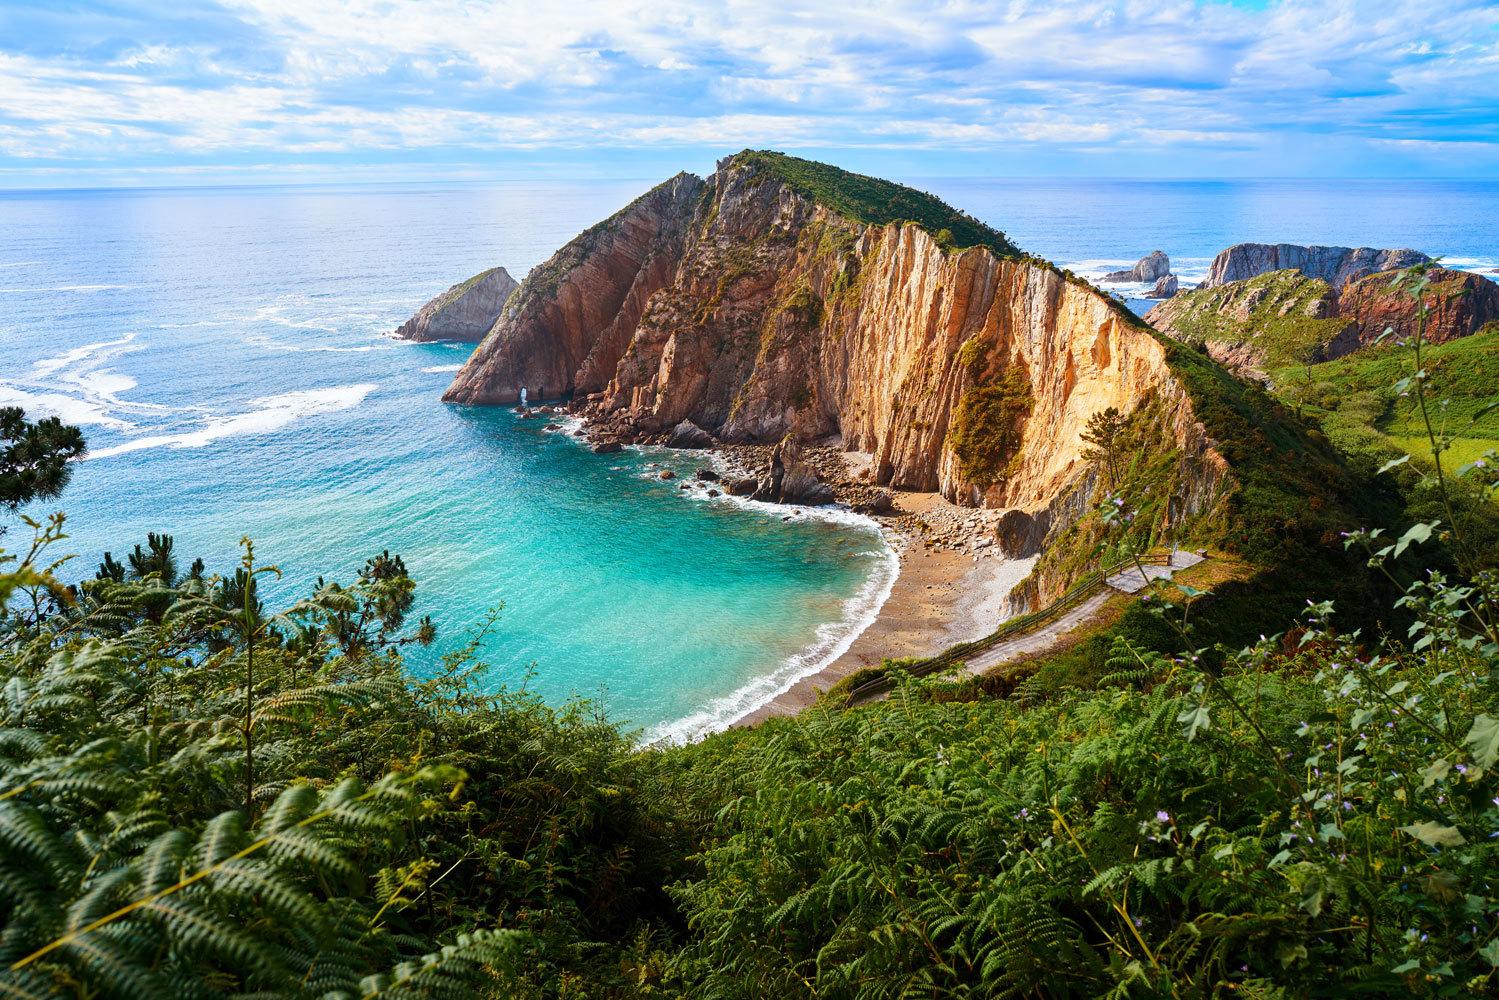 """Es una de las playas más bonitas del Principado y de toda España. Ubicada a 16 kilómetros de  <a href=""""https://www.elmundo.es/viajes/espana/2020/01/25/5e286f90fdddff36808b46cd.html"""" target=""""_blank"""">Cudillero</a> y con forma de concha, está rodeada de cantos rodados de 500 metros que ocultan un <strong>paraje virgen salpicado de acantilados.</strong> Estos la protegen de las embestidas del mar, que acaban convirtiéndose en un estremecedor arrullo. De ahí su nombre, aunque también la llaman<strong> El Gavieiru.</strong> Para acceder, hay que bajar unas escaleras escarpadas que acaban en la playa tras una caminata en medio de la naturaleza."""